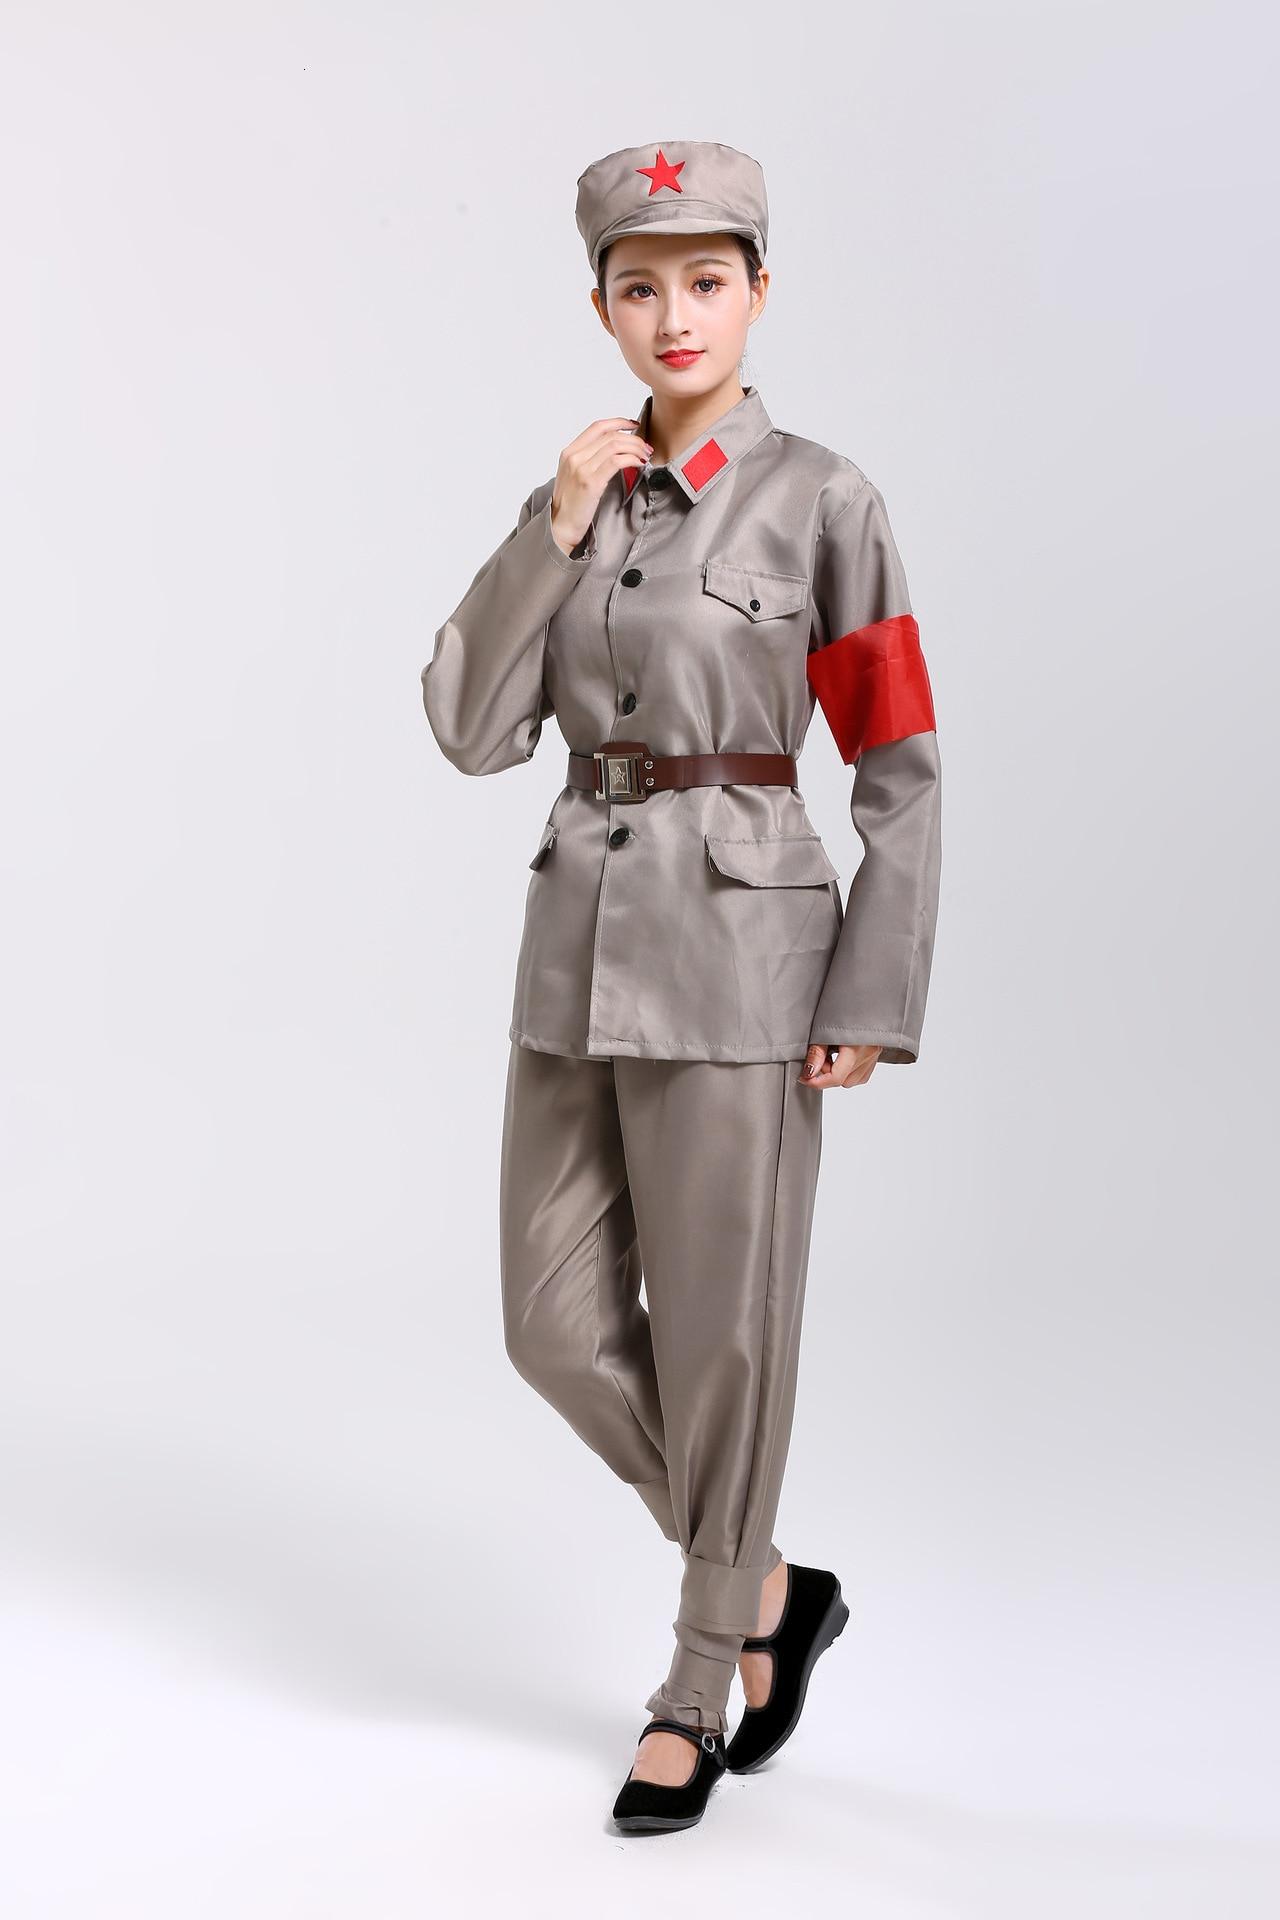 Детские тактические военные куртки, штаны, военная форма для девочек и мальчиков, охотничьи армейские танцевальные костюмы для женщин, Tatico, детская одежда для косплея, комплект - Цвет: 1